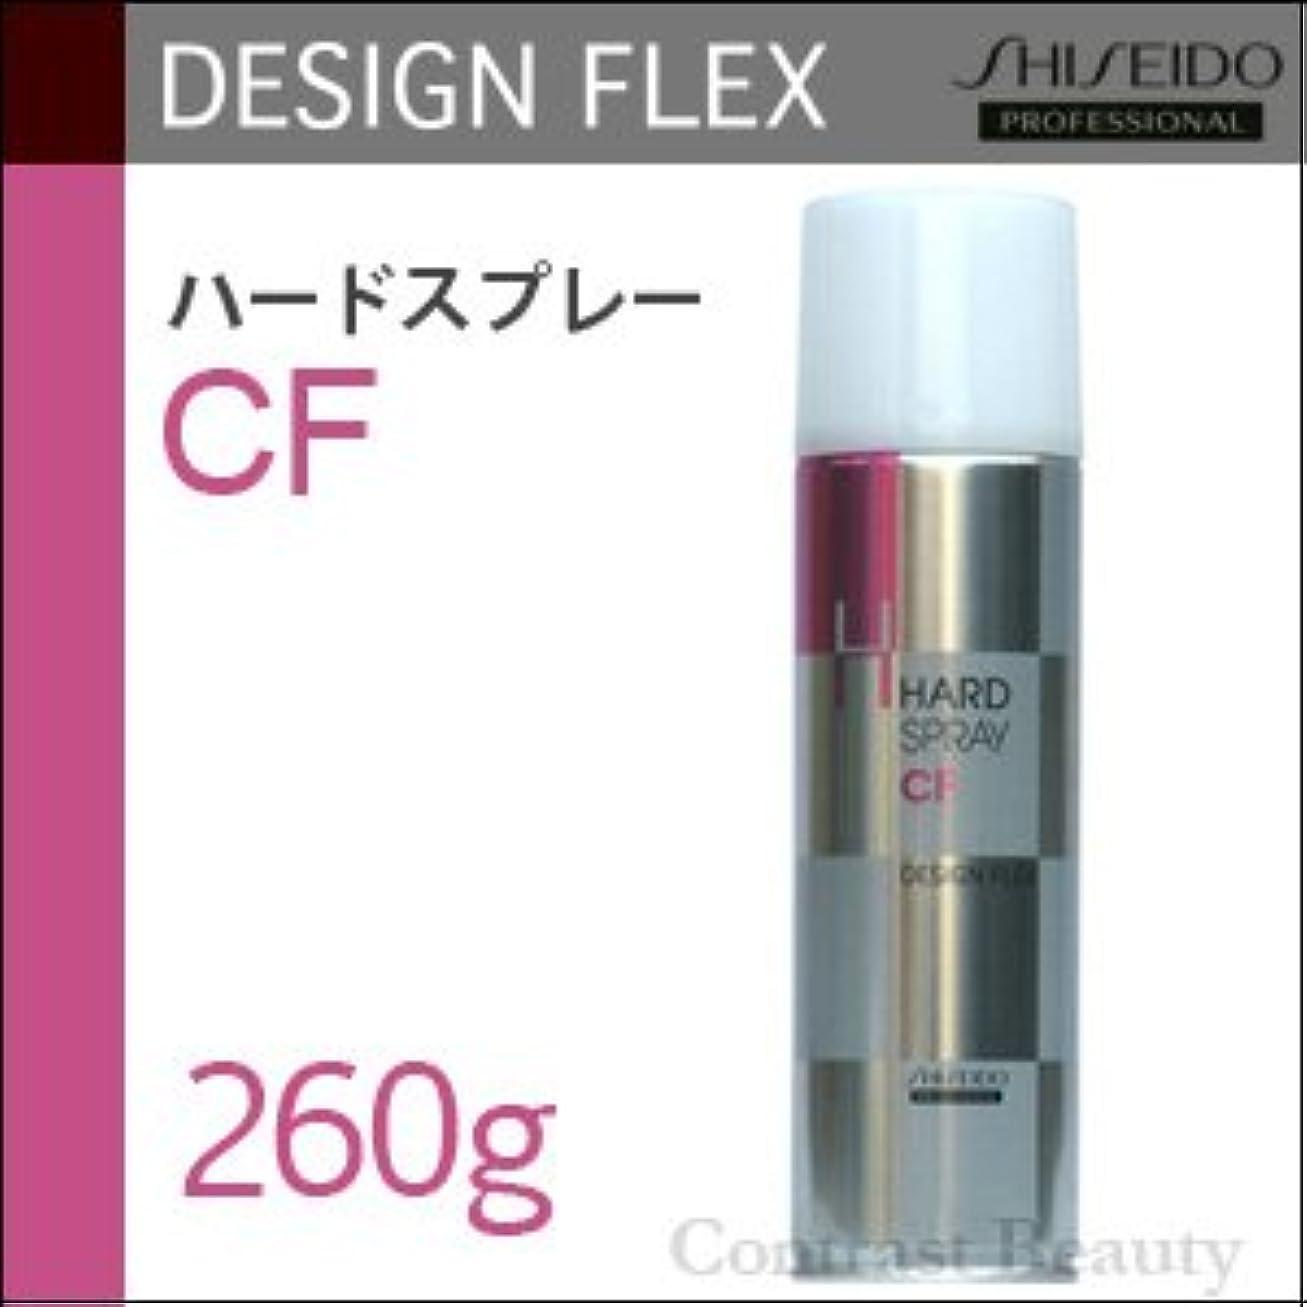 全能カップかすれた【x2個セット】 資生堂 デザインフレックス ハードスプレーCF 260g